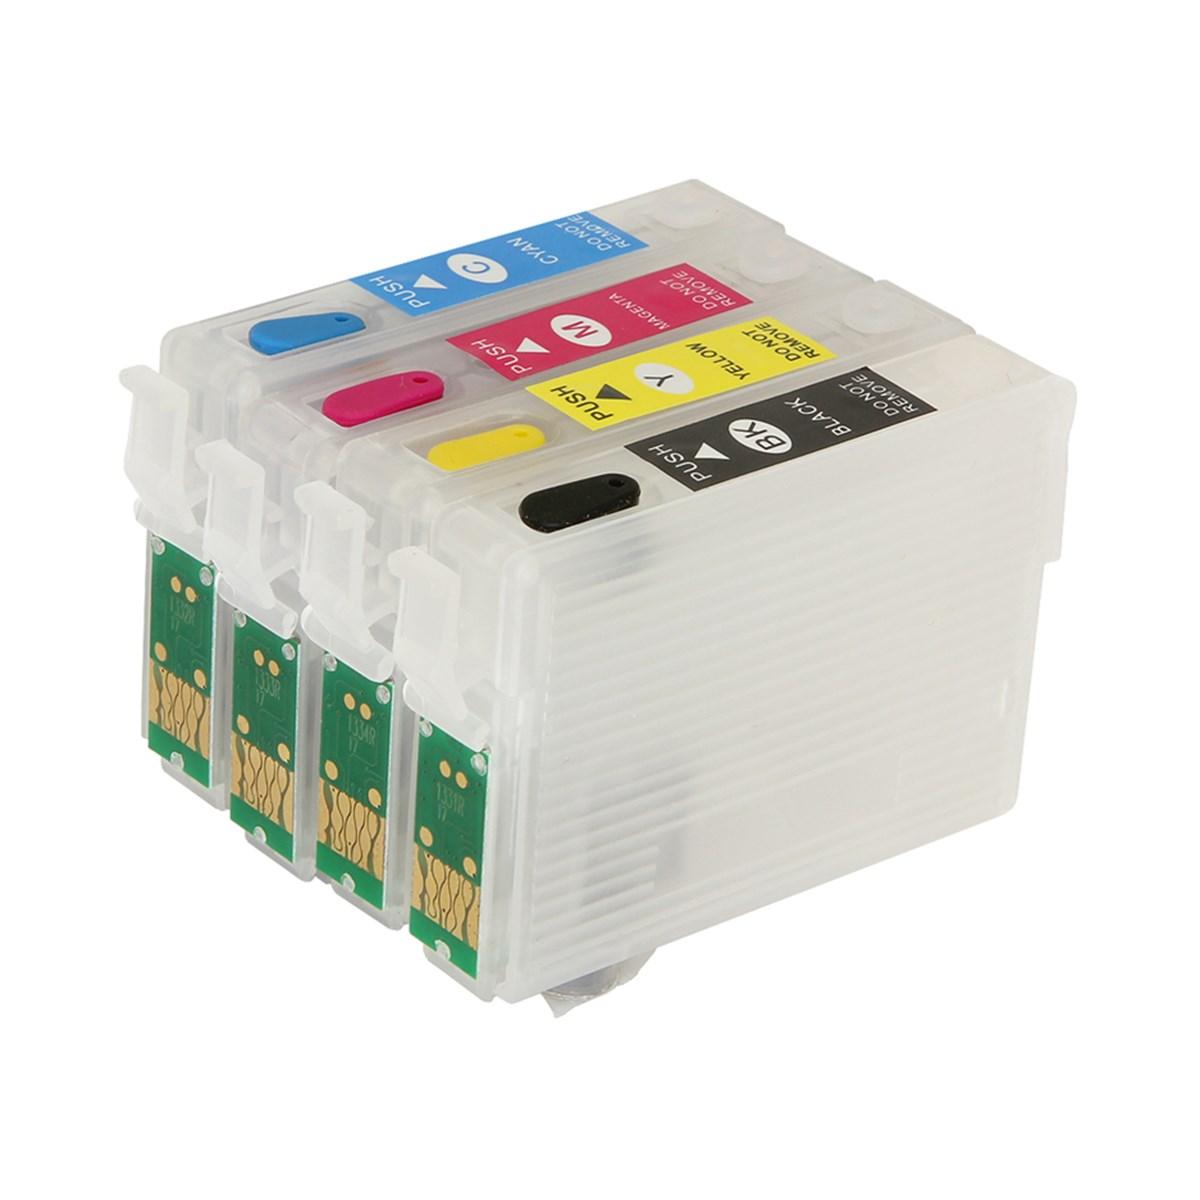 Cartucho Recarregável Virgem Para Impressora Epson TX620